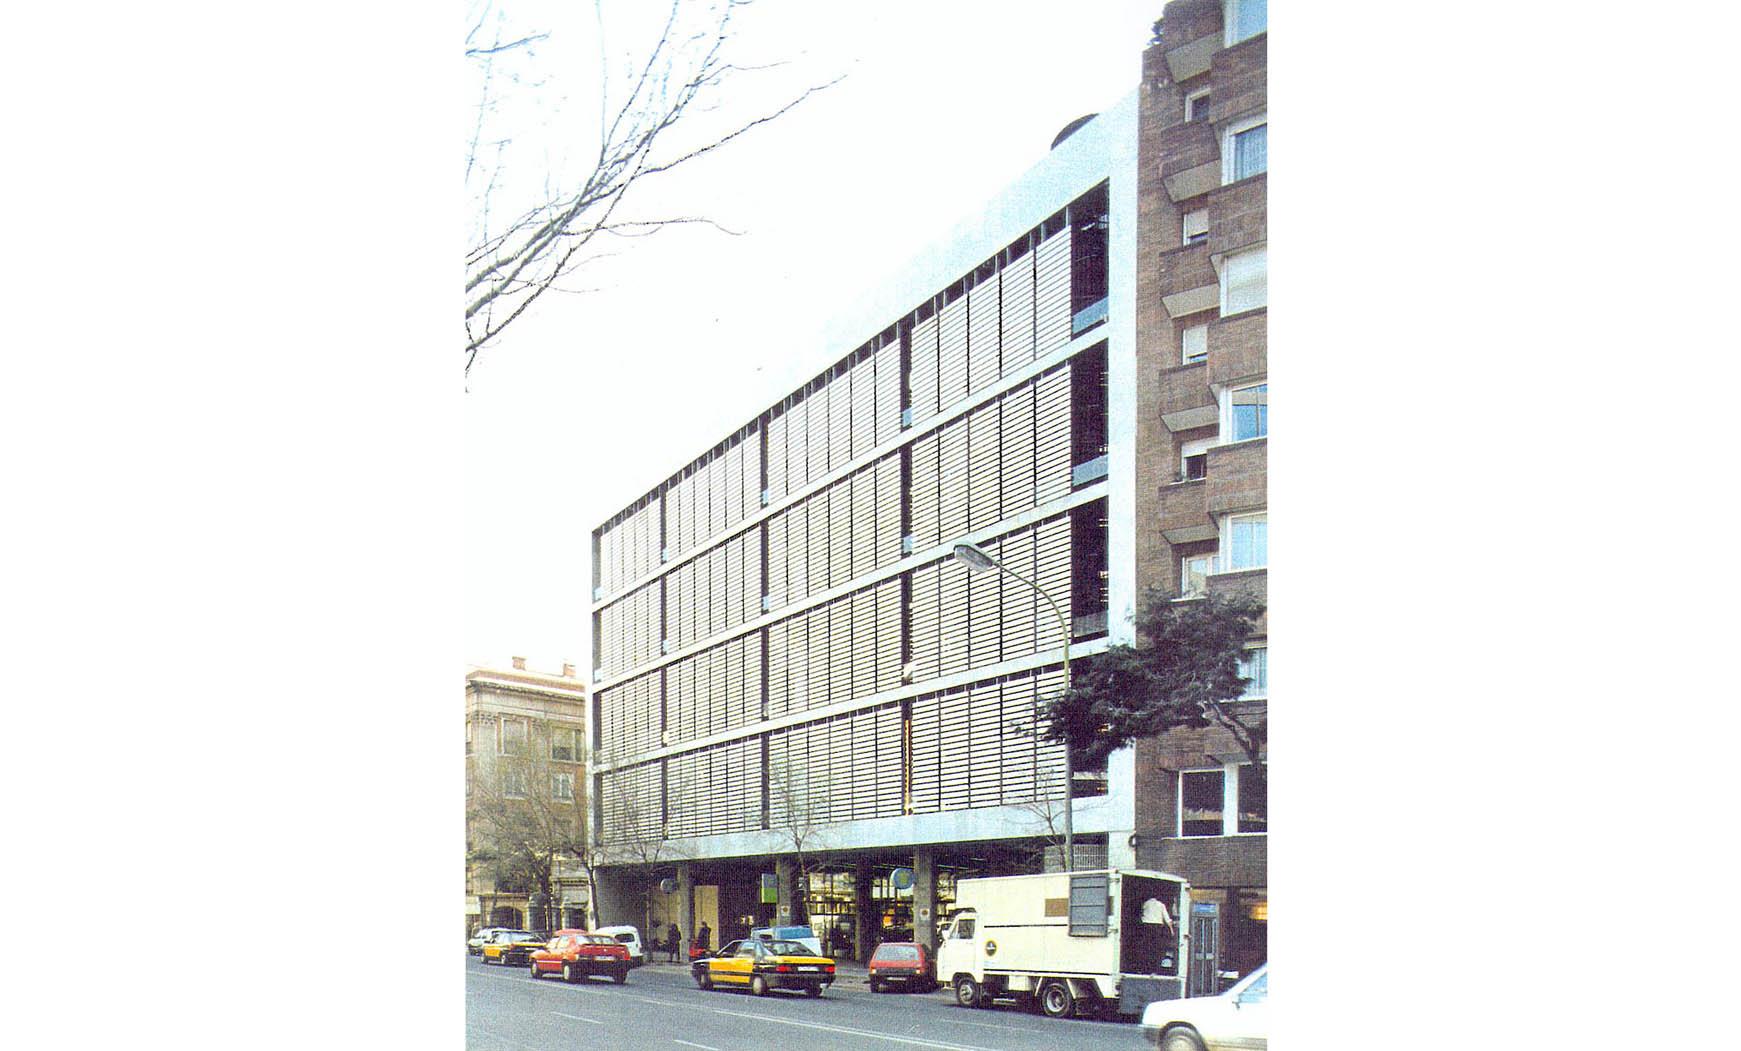 Edificio Central Telefónica Urbana en Vía Augusta, Barcelona (1977), en colab. con Francesc Mitjans